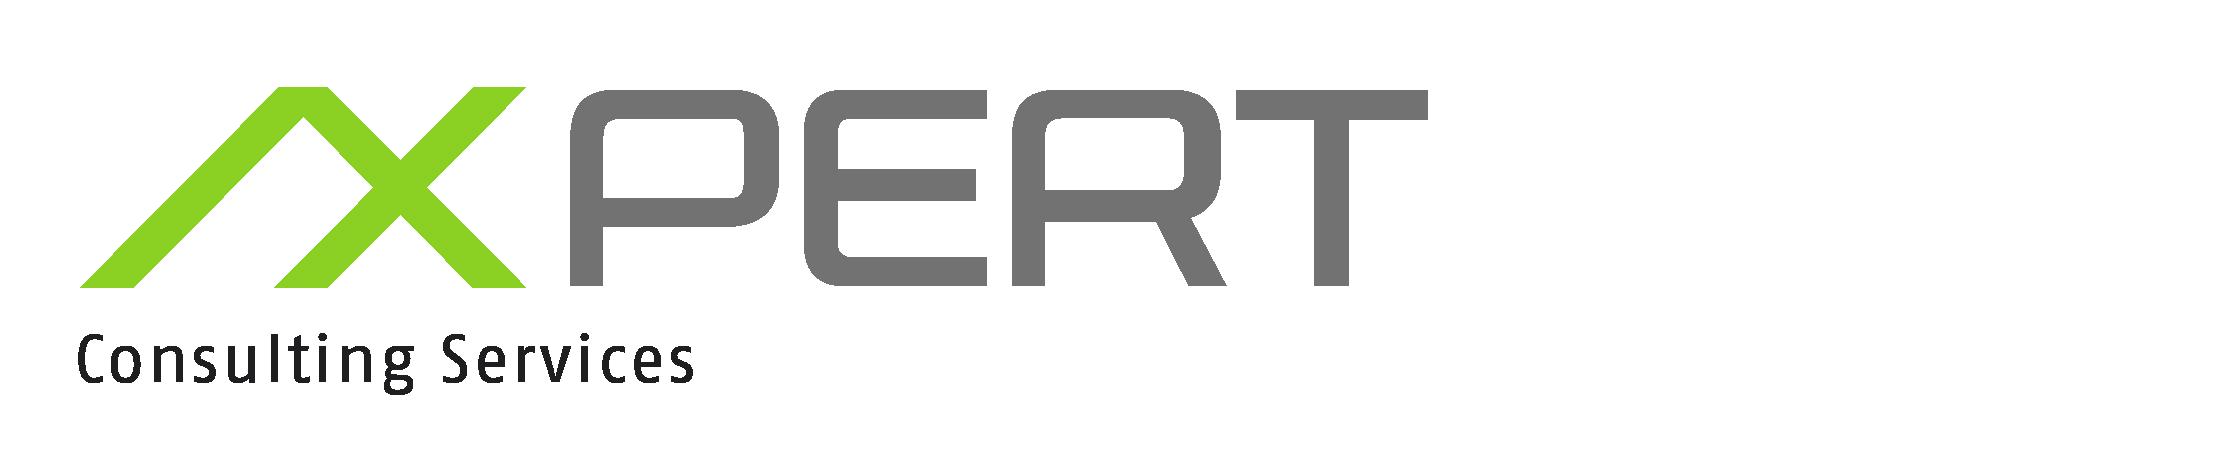 axpert_logo.png